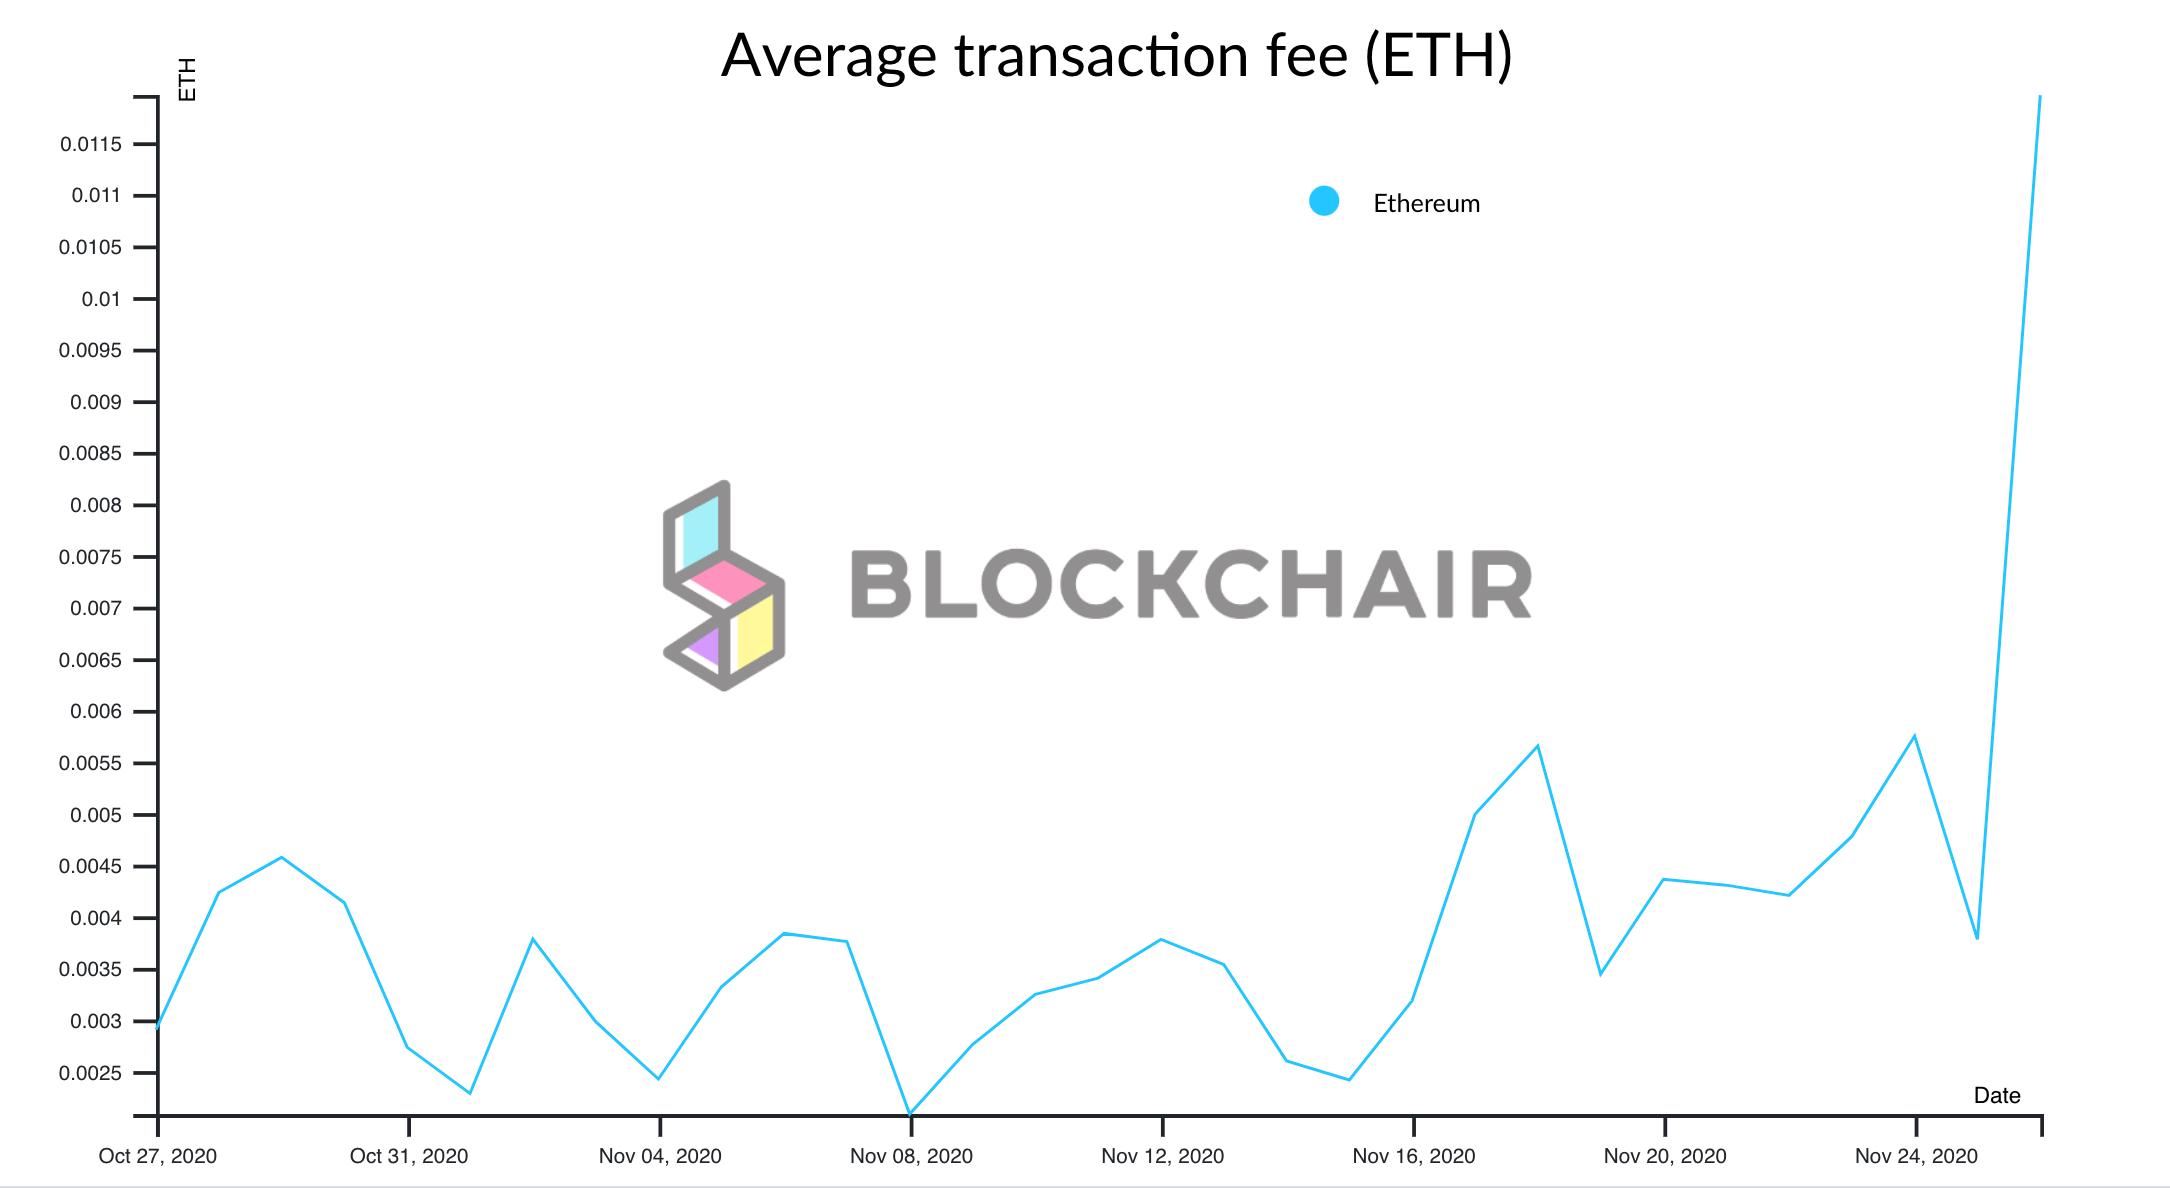 Ethereum's average transaction fees